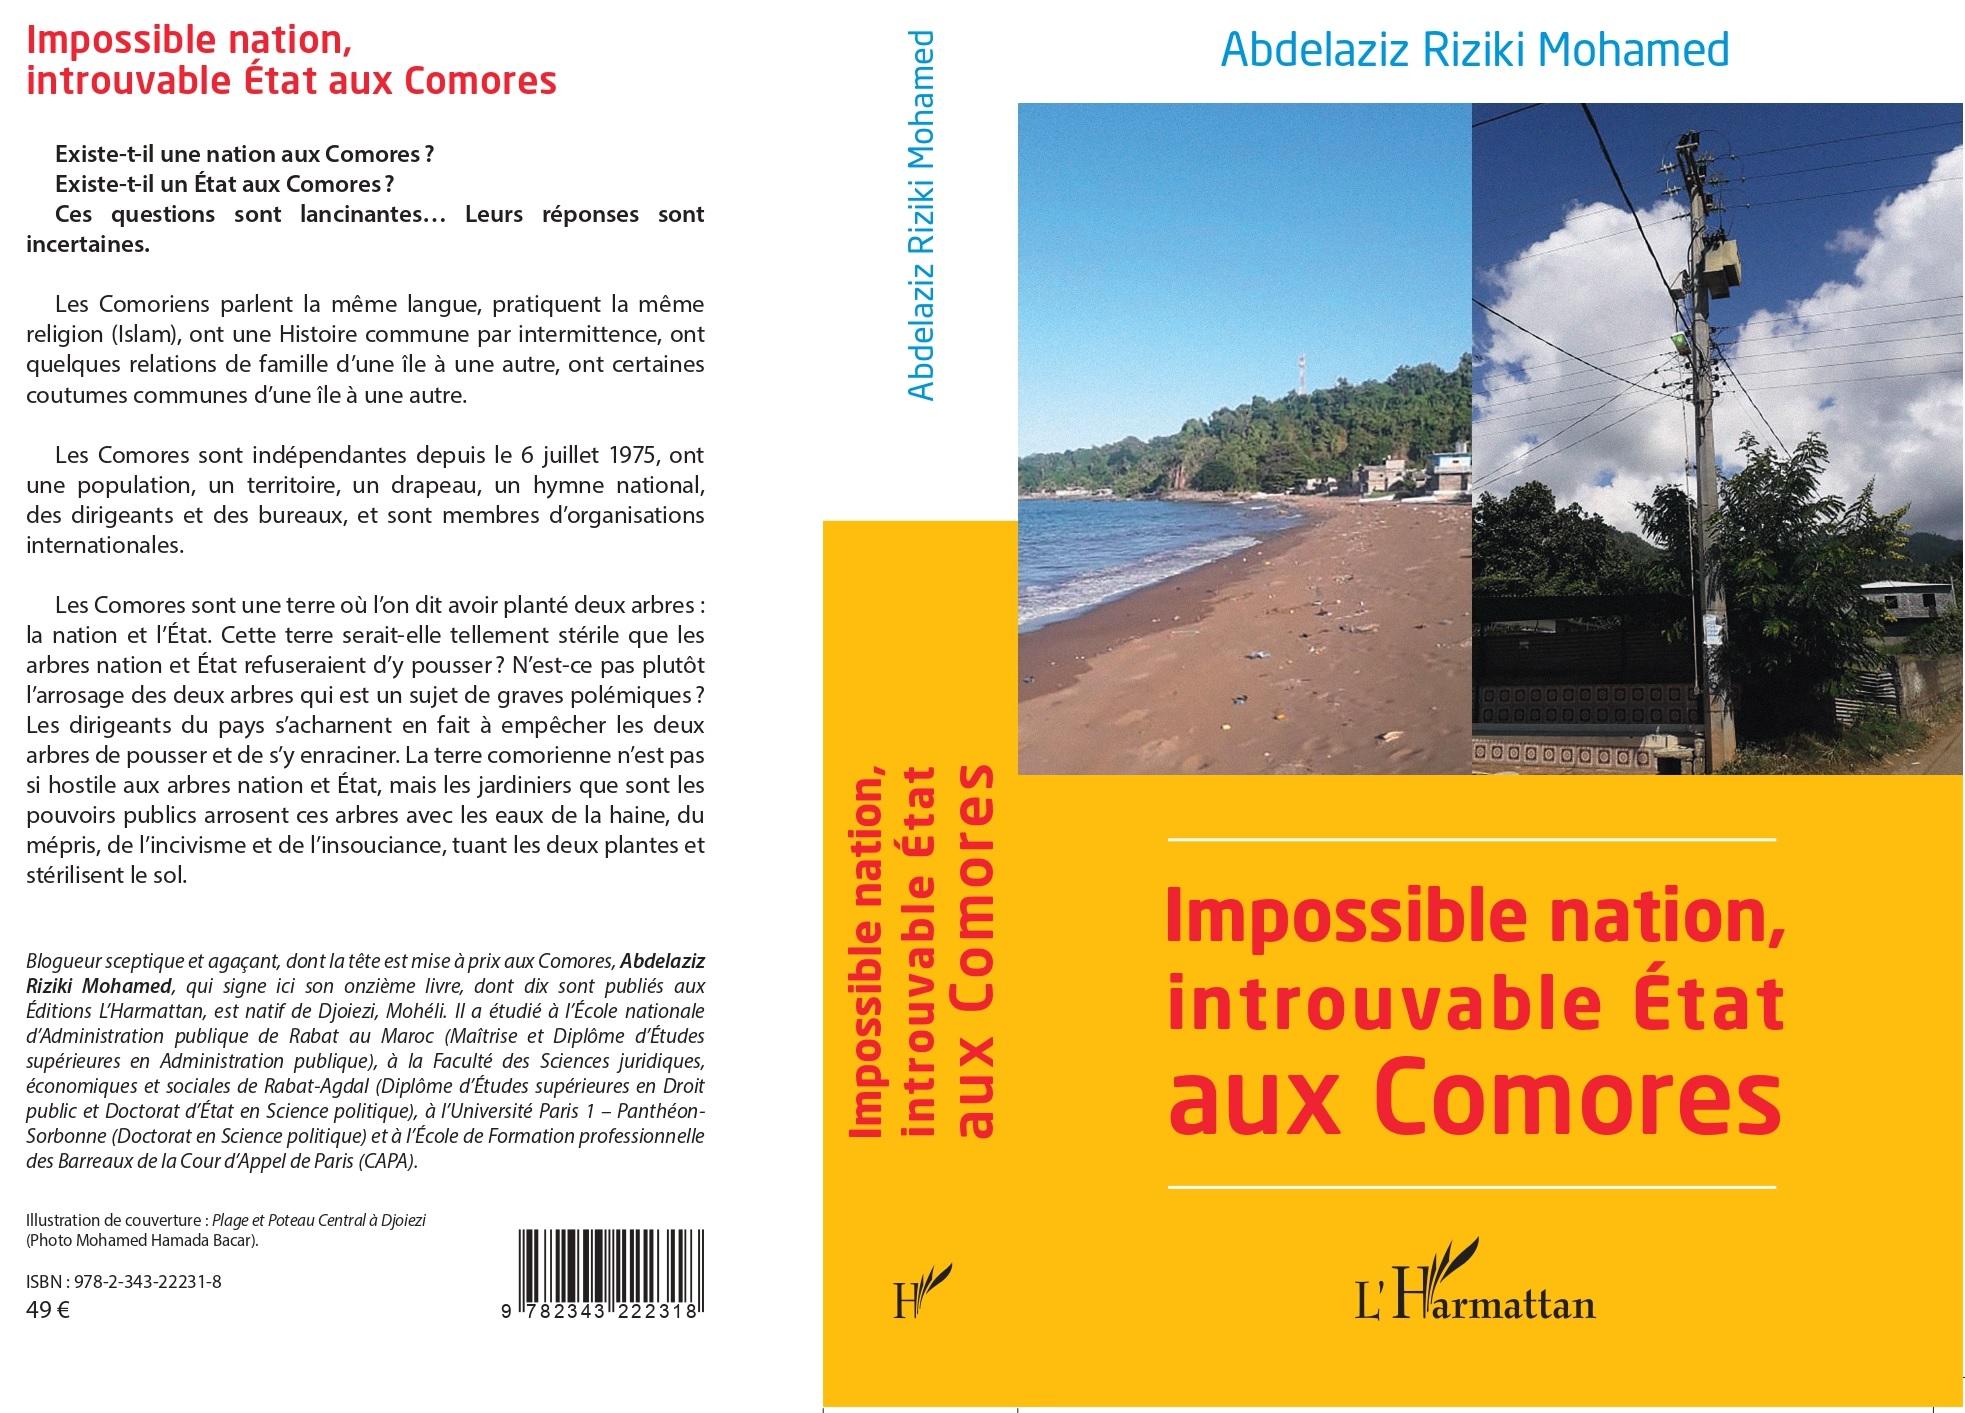 Le 11ème livre d'ARM: ni nation, ni État aux Comores